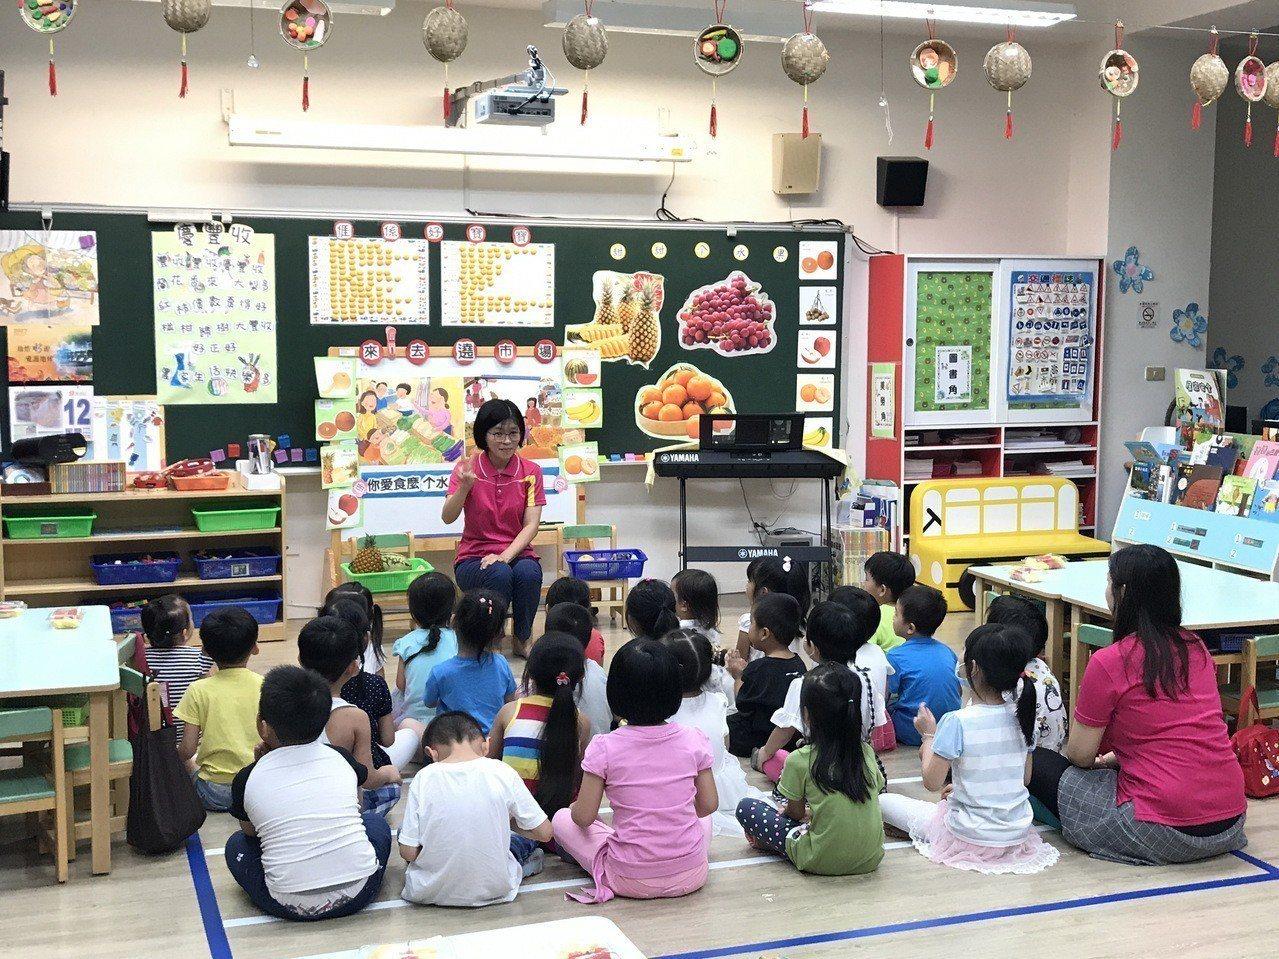 台中市「托育一條龍」政策讓0至6歲幼兒送托、上學均獲補助,台中市生育率也有所成長...